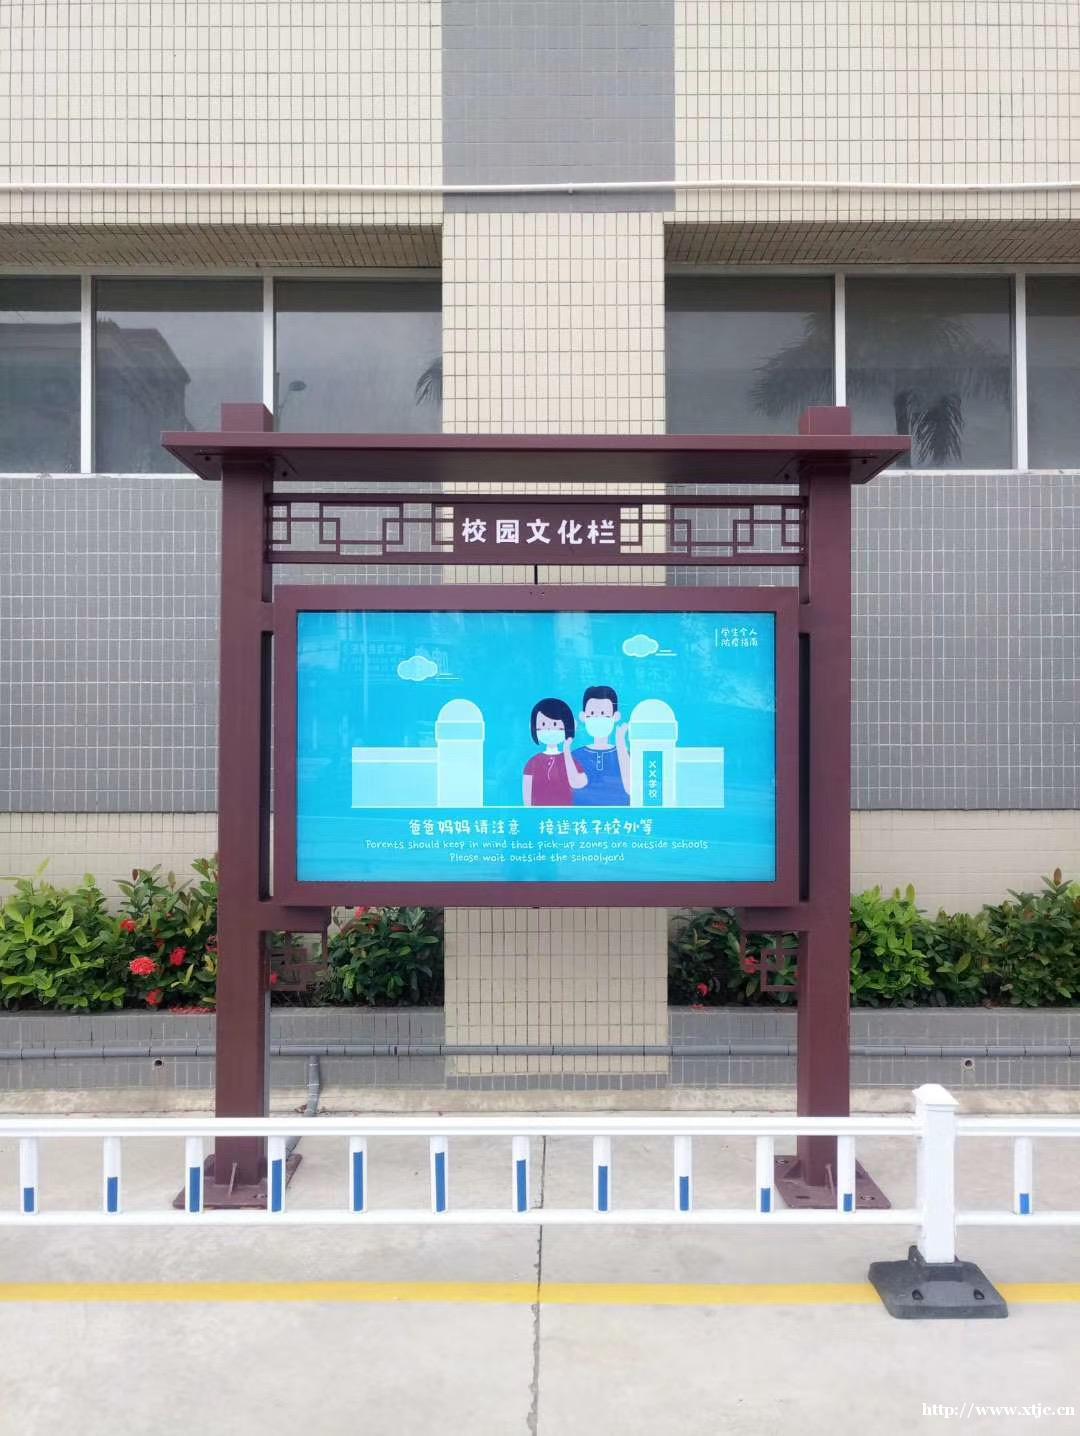 户外液晶广告机户外商显广告屏触控一体机查询机